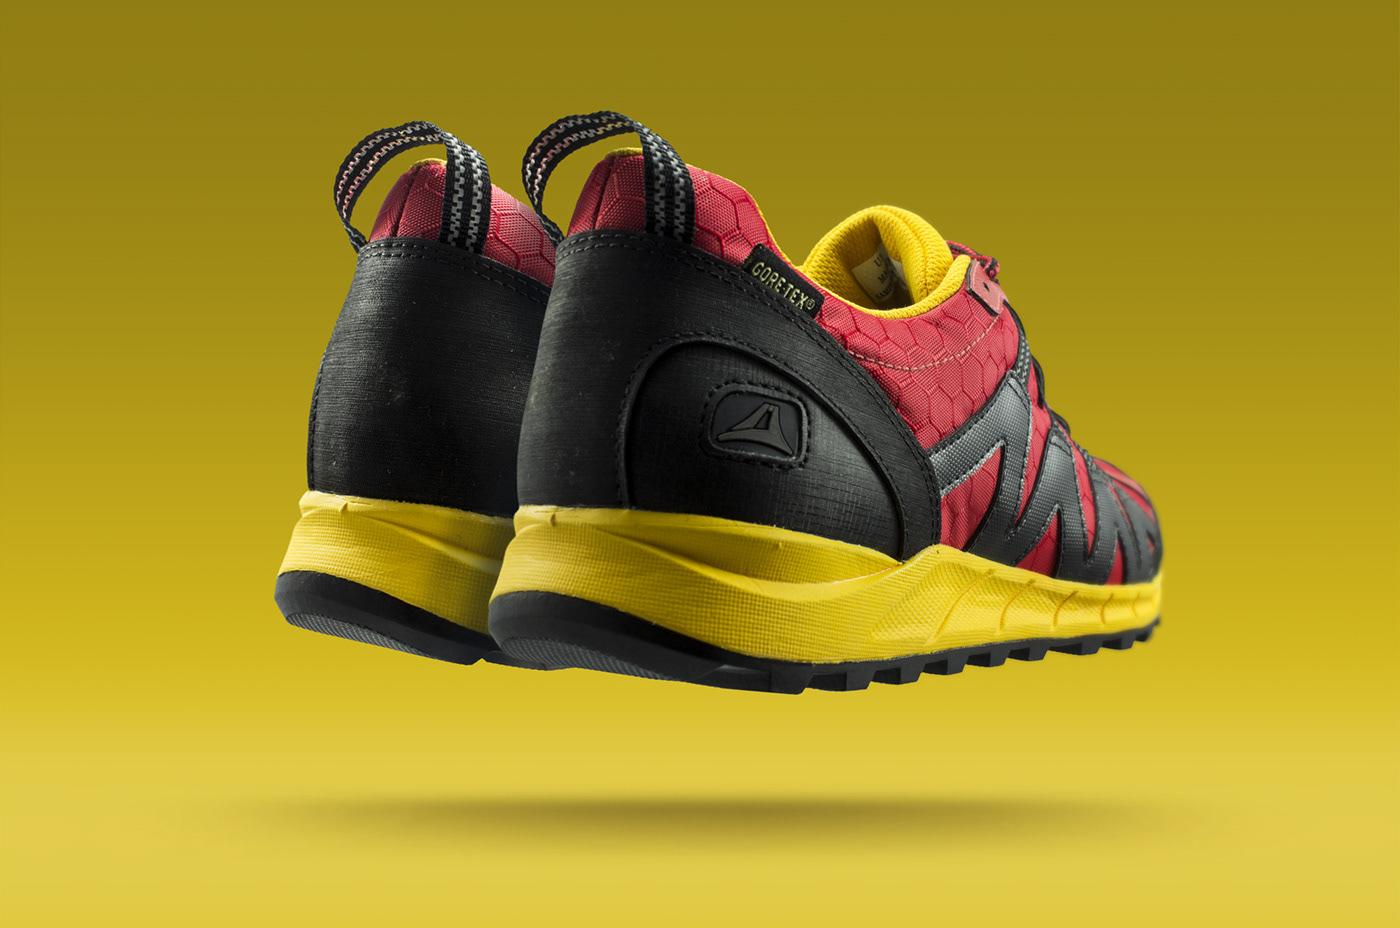 footwear,sneaker,shoe,Nike,trail,running,Outdoor,hiking,Clarks,sportwear